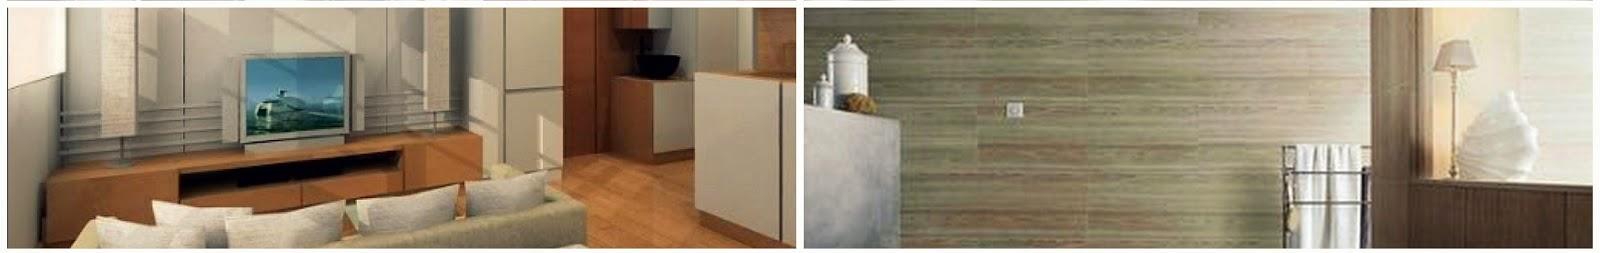 l 39 artisan peintre lehmanerenove. Black Bedroom Furniture Sets. Home Design Ideas